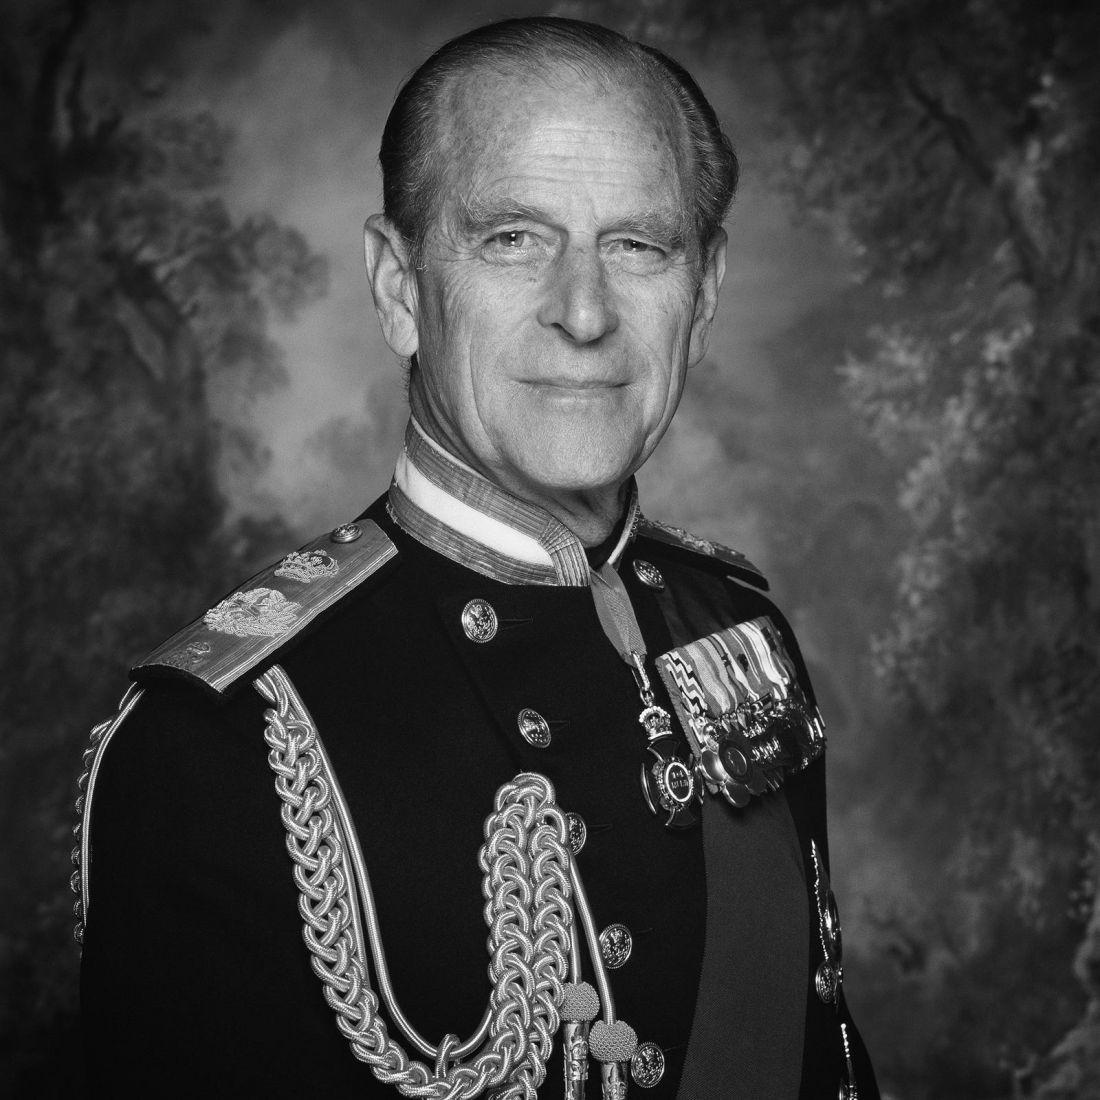 Falleció el príncipe Felipe de Edimburgo, esposo de la Reina Isabel II